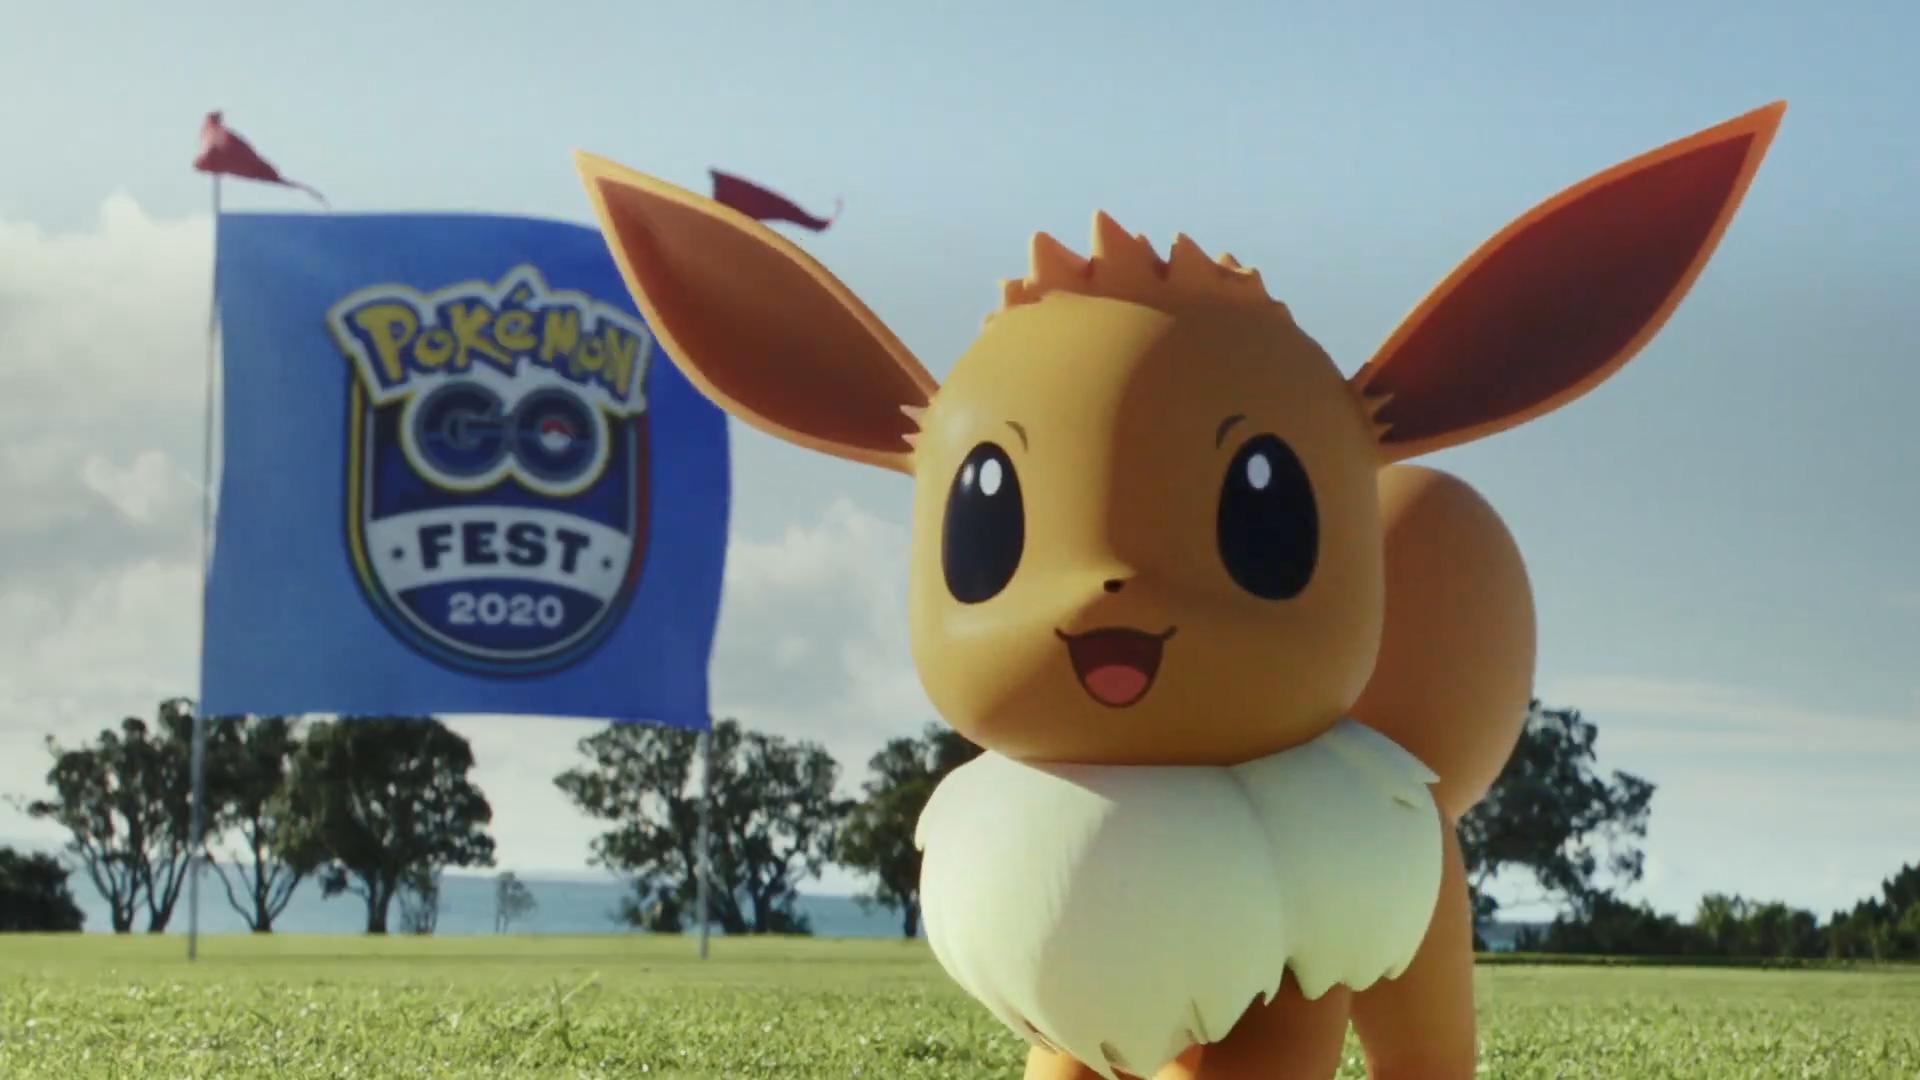 《宝可梦GO》发布5周年纪念视频 庆典活动现已开始